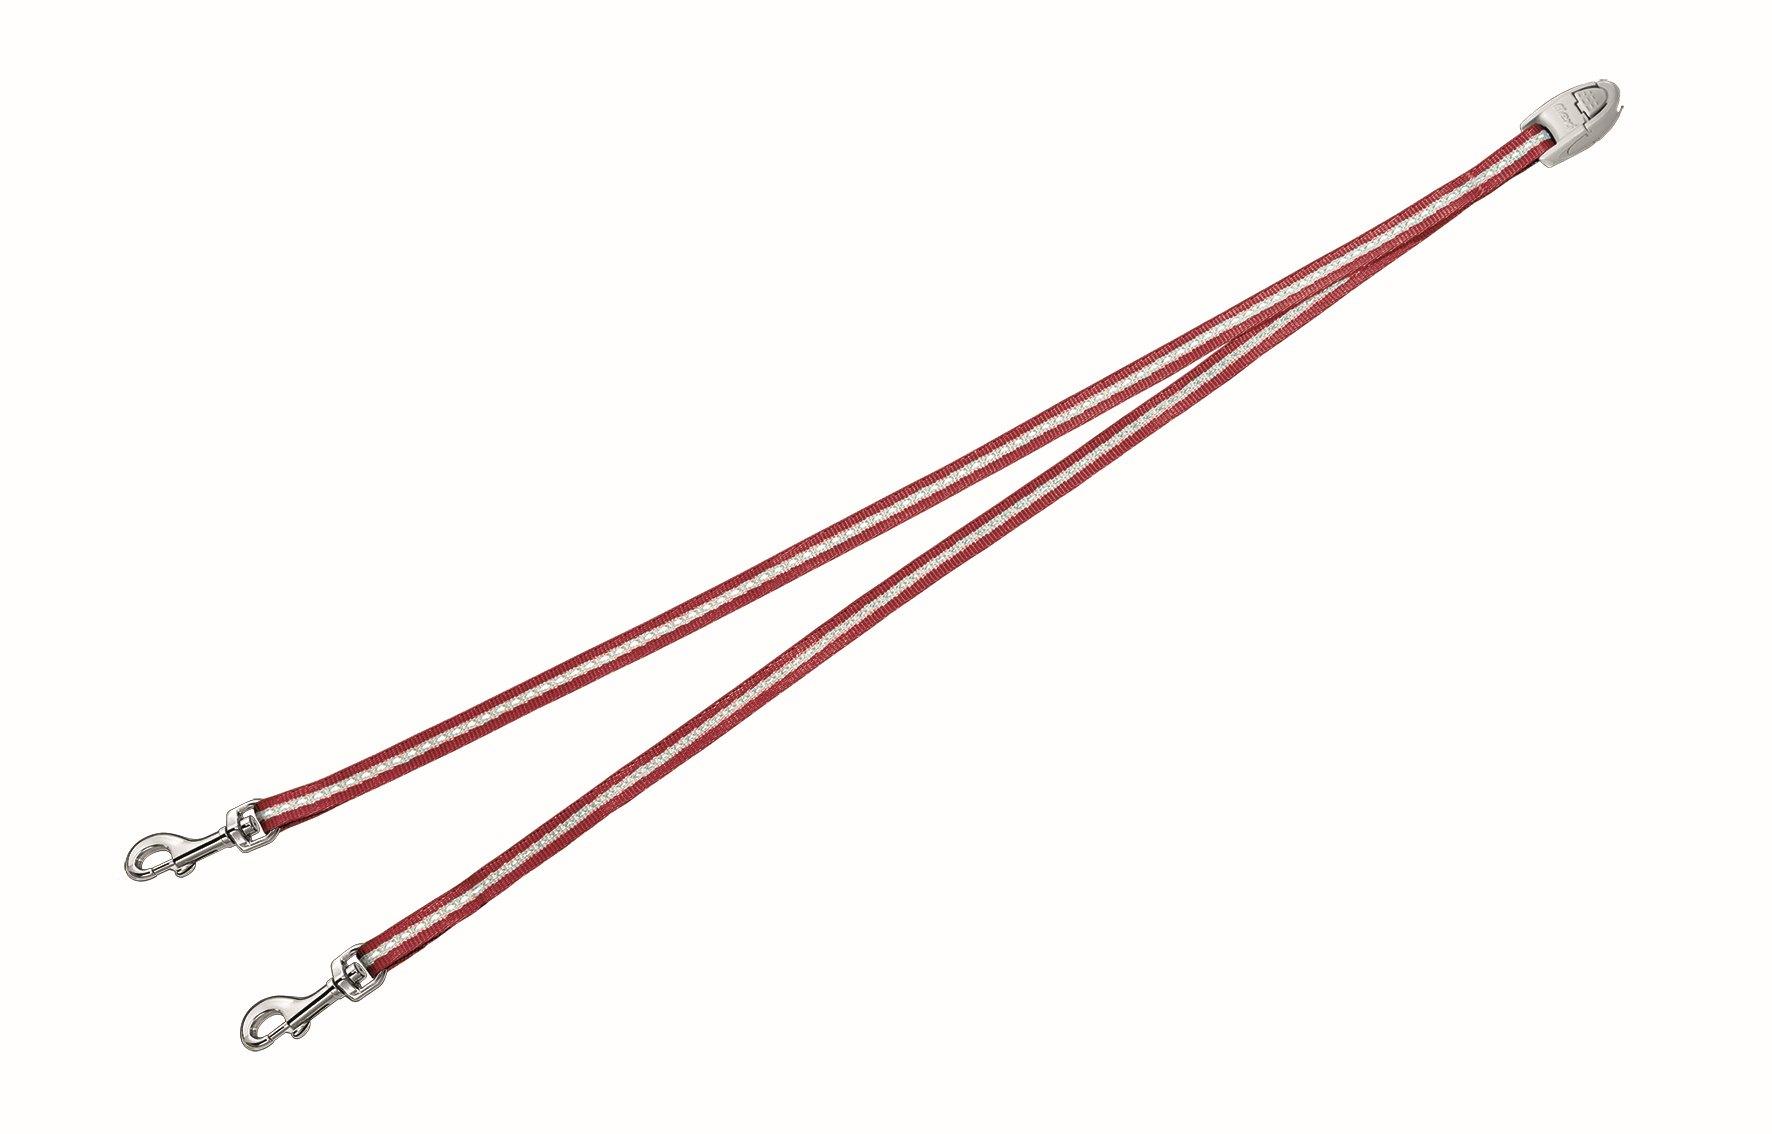 Сворка Flexi Vario Duo Belt S для собак до 5 кг, цвет: красный, 42 см020715Сворка Flexi Vario Duo Belt S изготовлена из металла и нейлона. Данный аксессуар позволяет адаптировать рулетку для выгула 2 собак. Сворка обеспечивает каждой собаке свободу движения, что идет на пользу здоровью и радует вашего четвероногого друга. Сворка Flexi - специальное дополнение к поводку Flexi Vario размером S. При выборе рулетки для двух собак нужно учитывать суммарный вес обеих собак. Поводок имеет хромированную застежку. Длина поводка (без учета карабина): 42 см. Ширина поводка: 9 мм. Максимальная нагрузка: 5 кг. Товар сертифицирован.